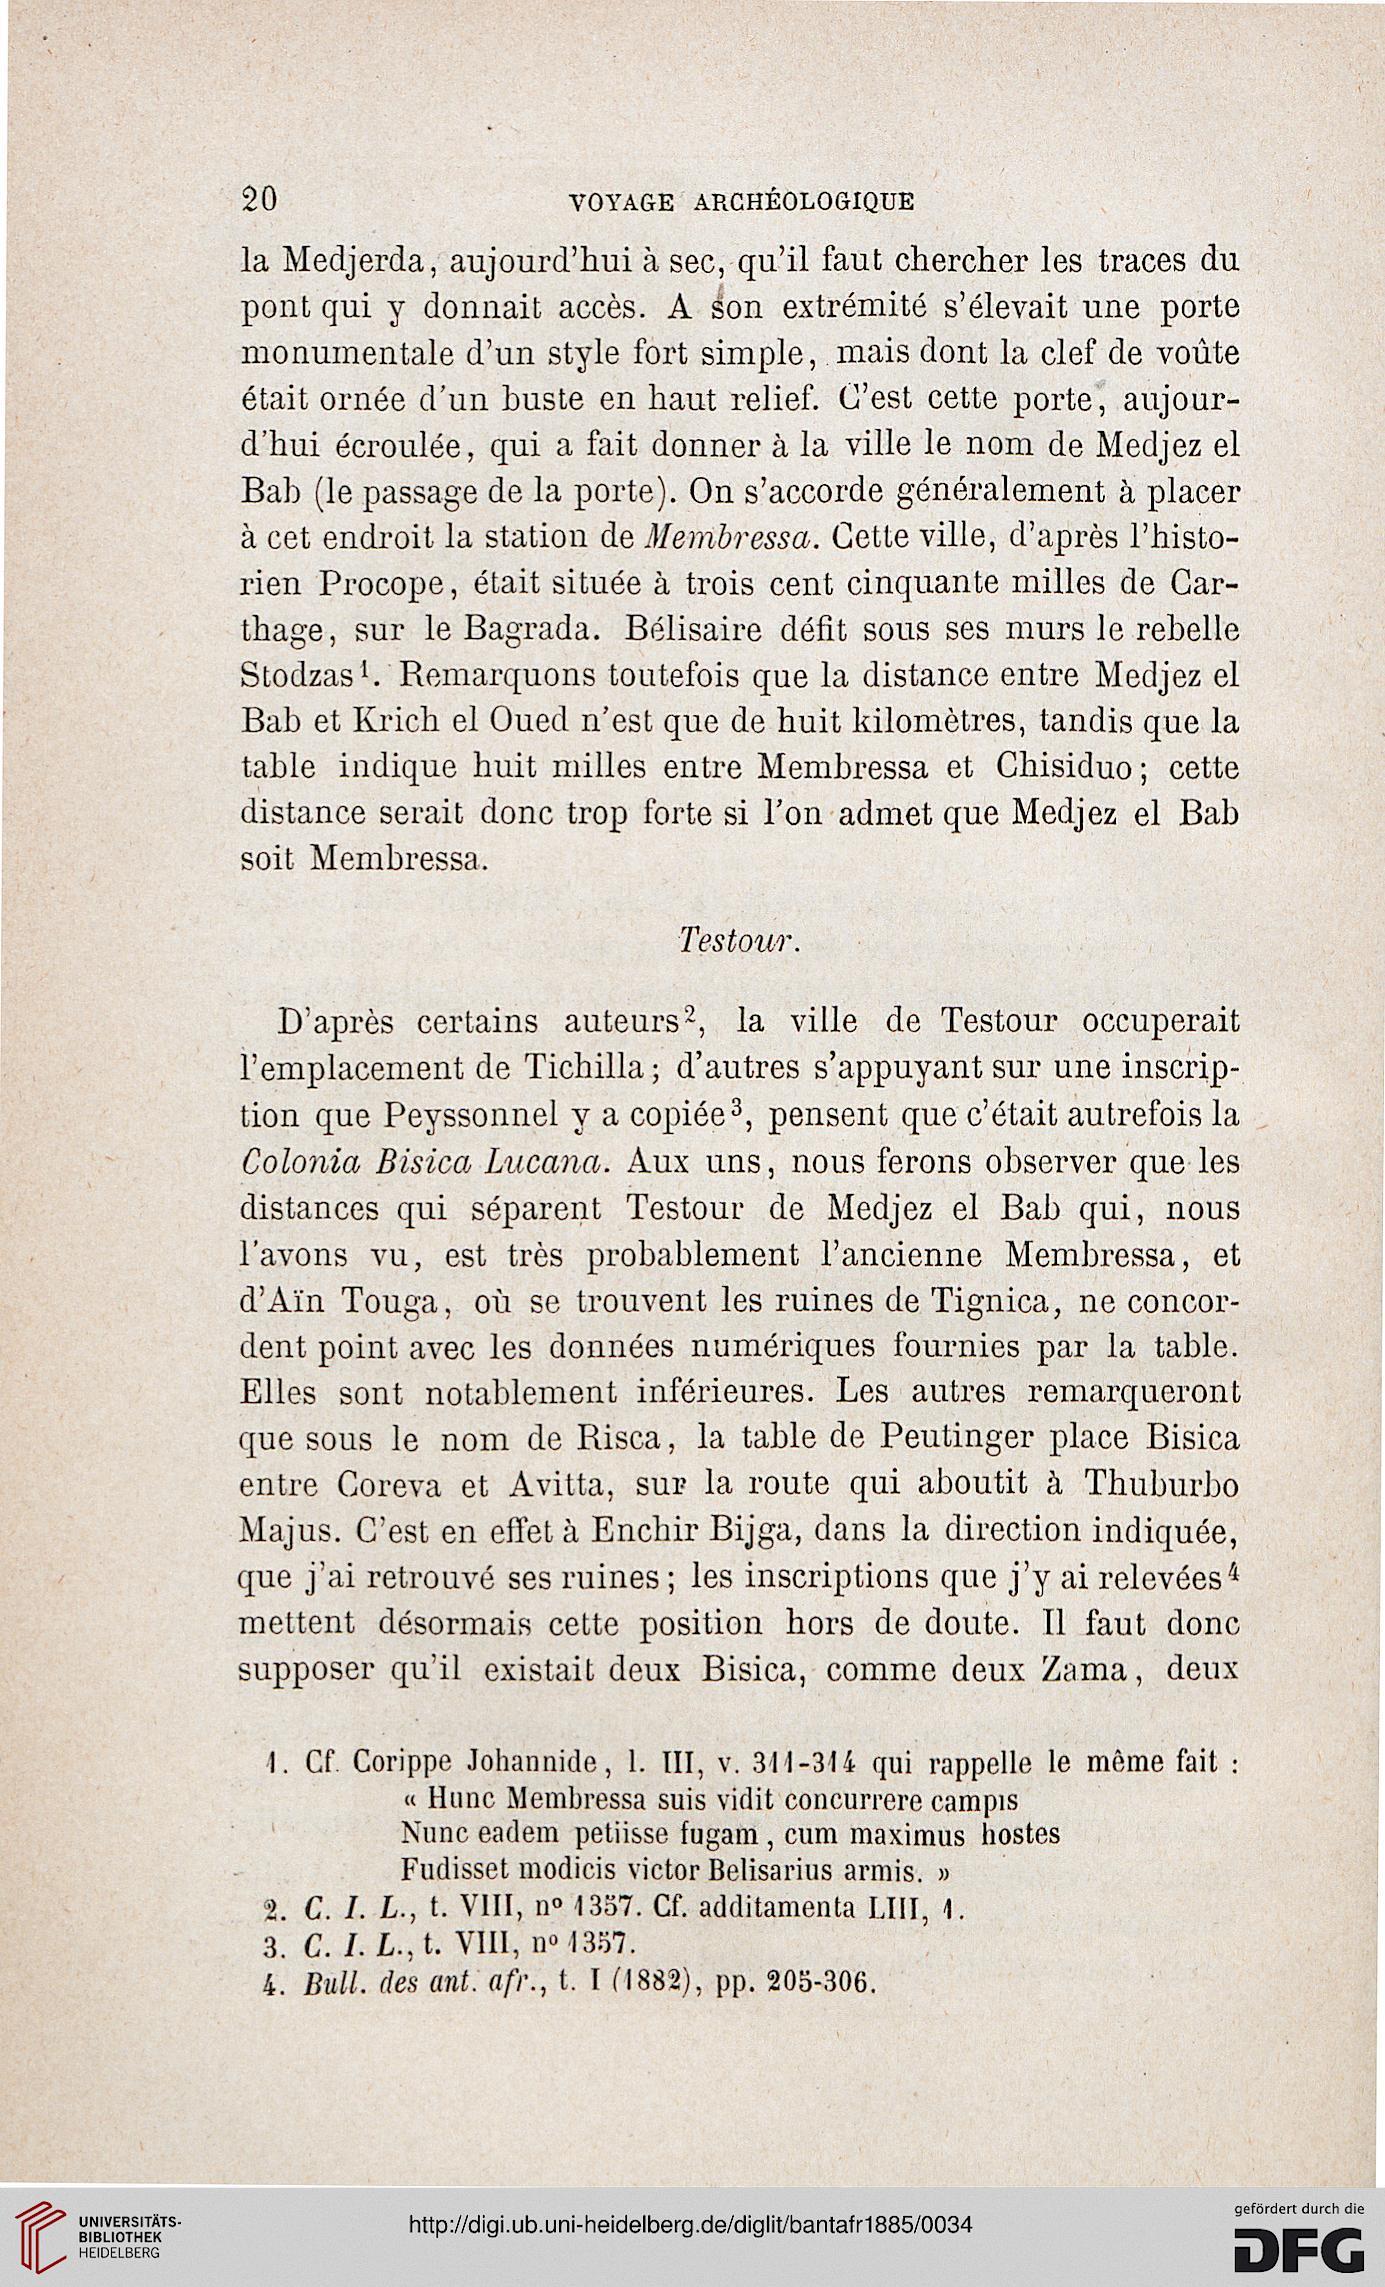 Bulletin trimestriel des antiquités africaines (3.1885)